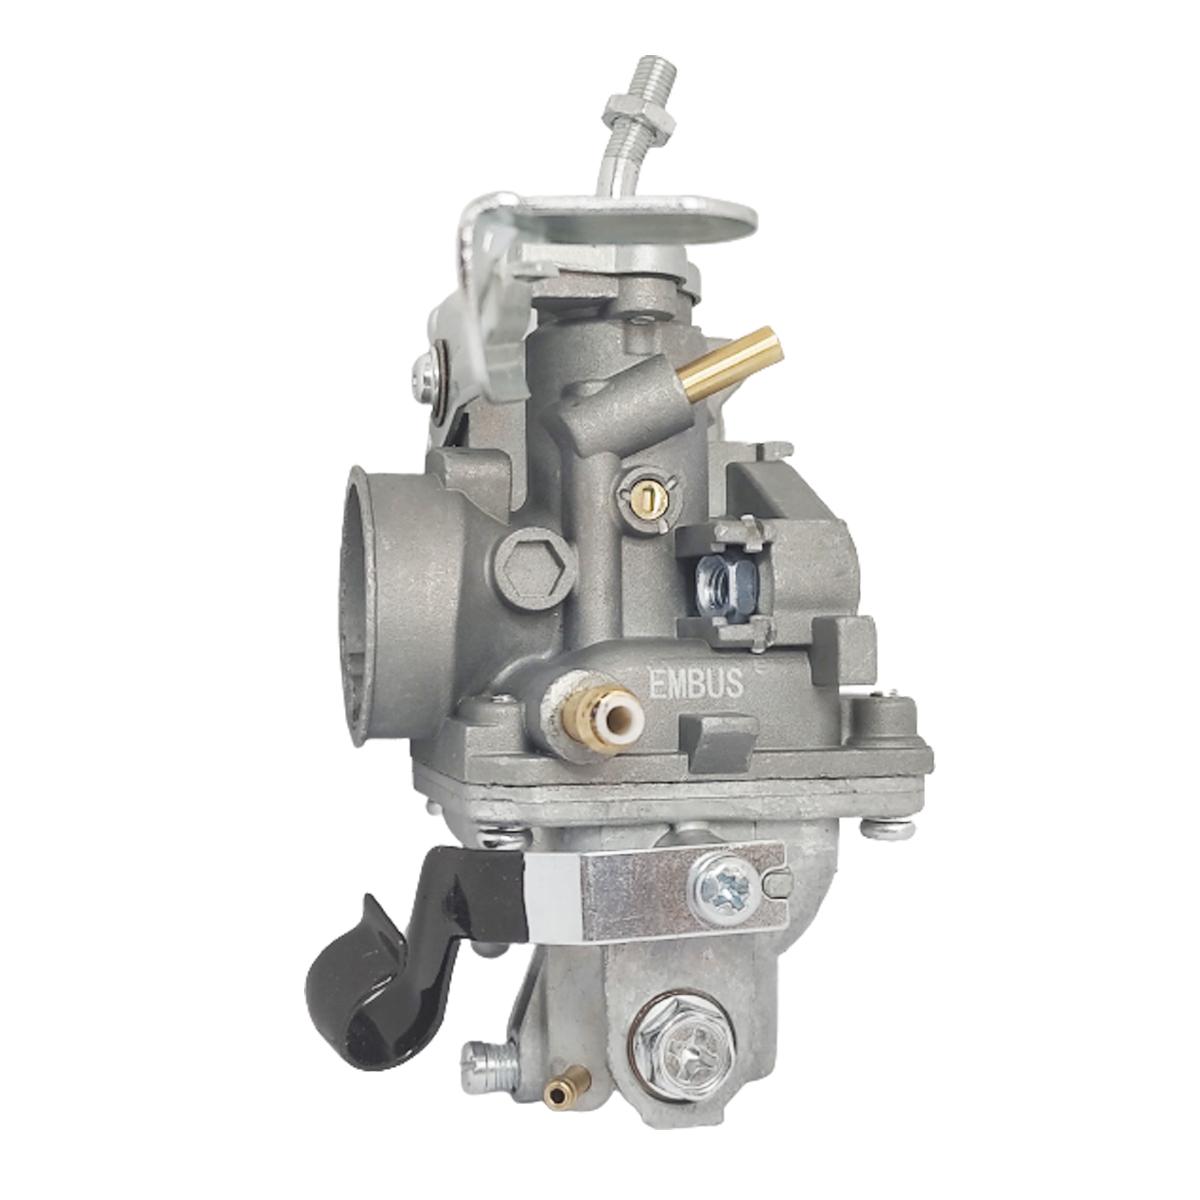 Carburador Completo Crypton 115 ano 2013 a 2014